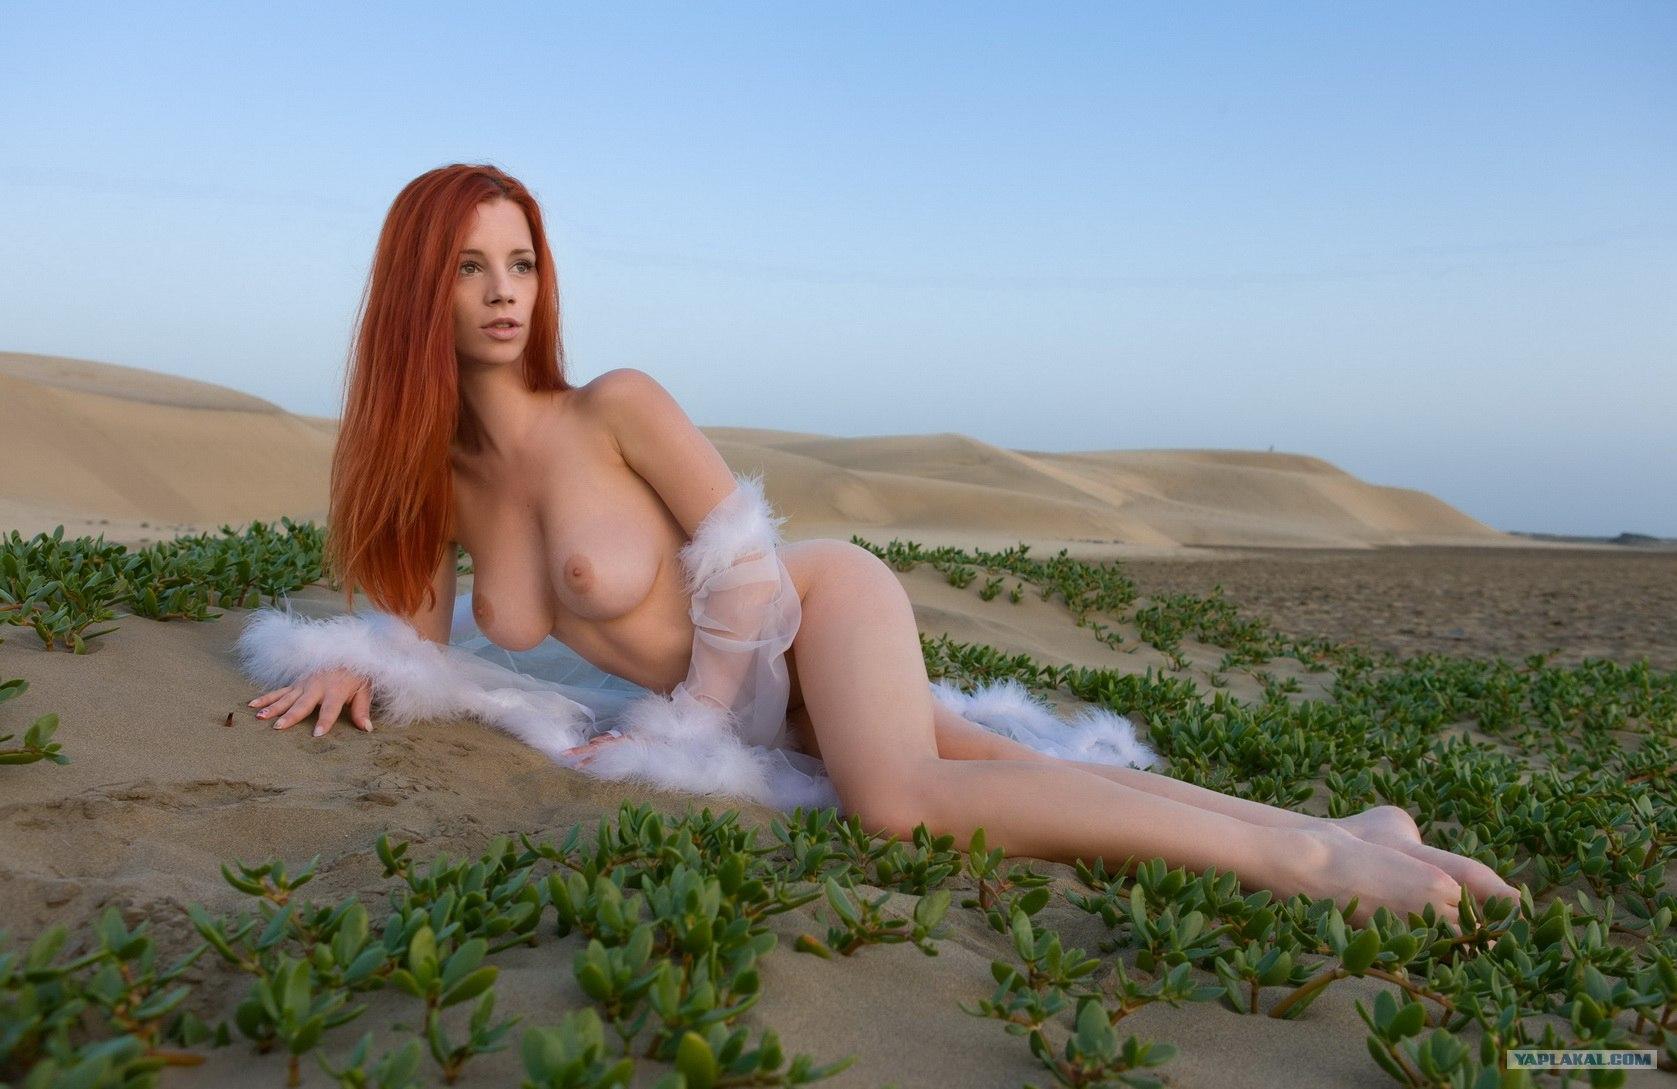 Рыжие полностью голые девушки 22 фотография